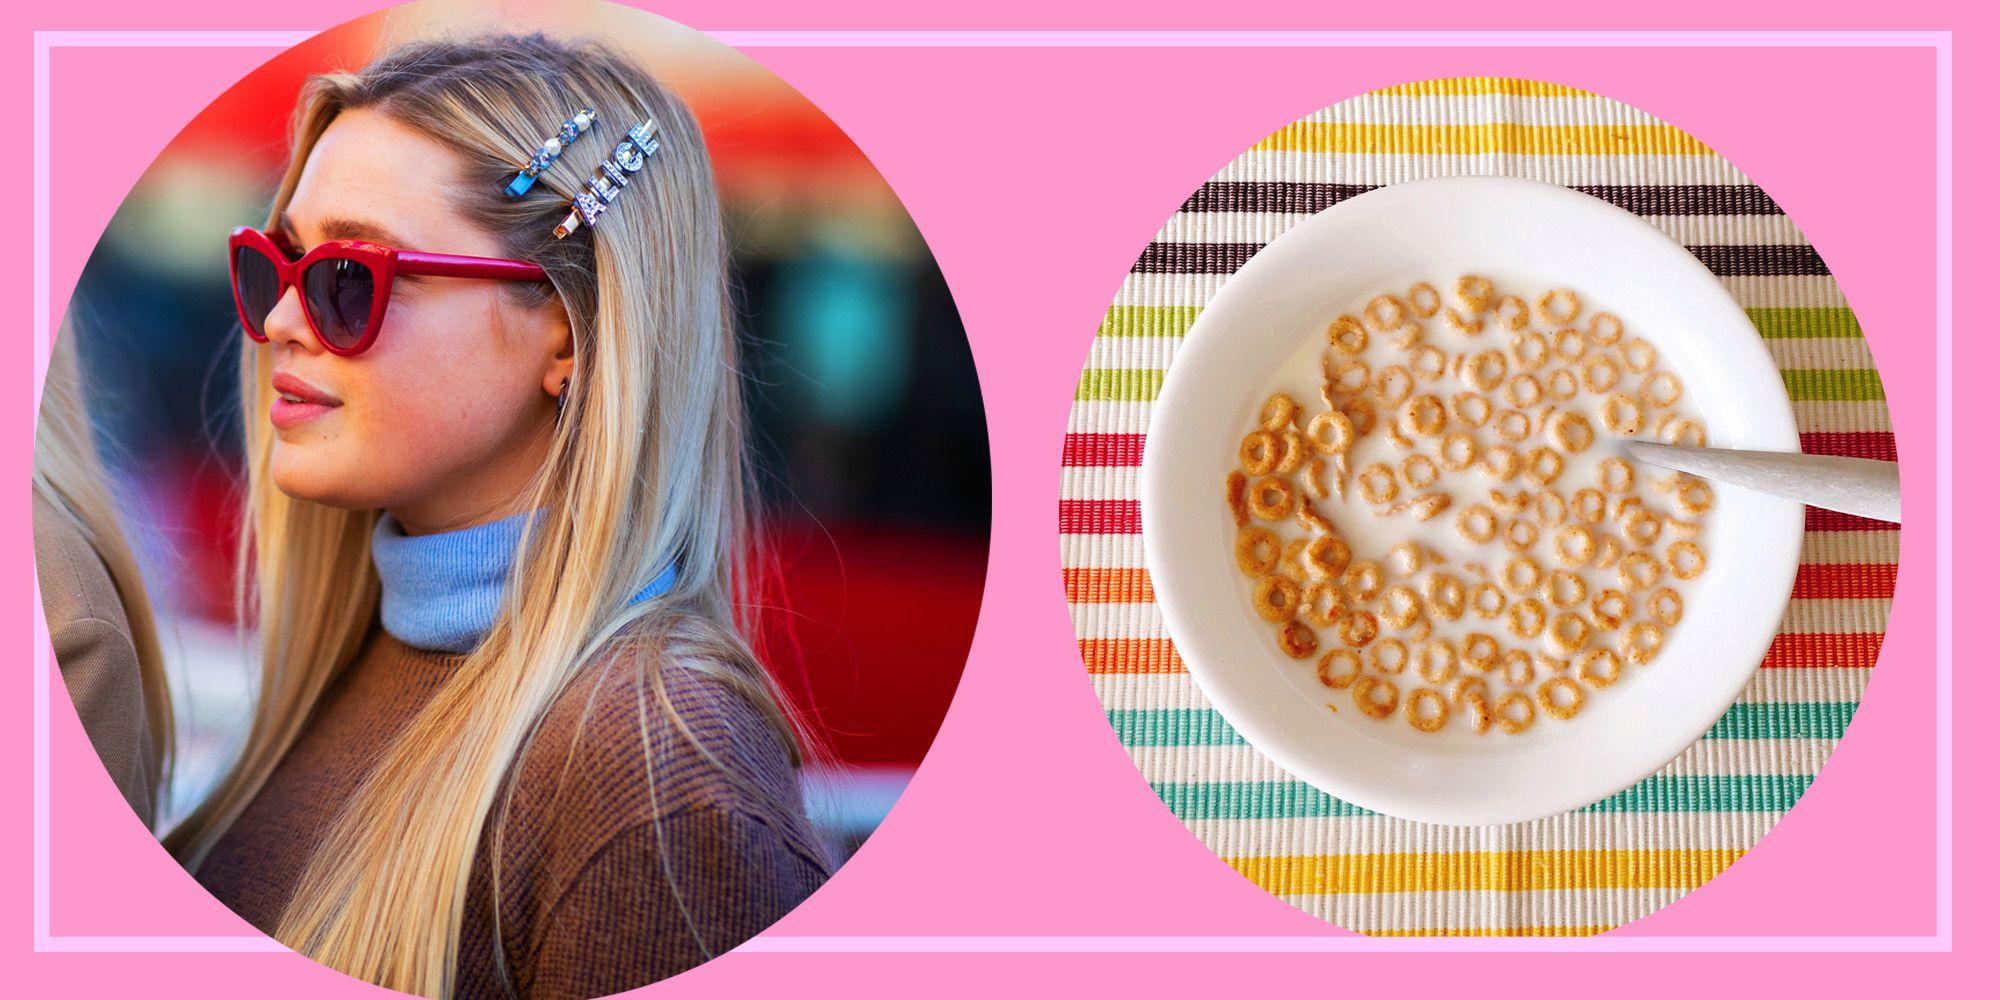 Colore capelli primavera 2019, il cinnamon sugar crunch è il trend per le castane in cerca di riflessi